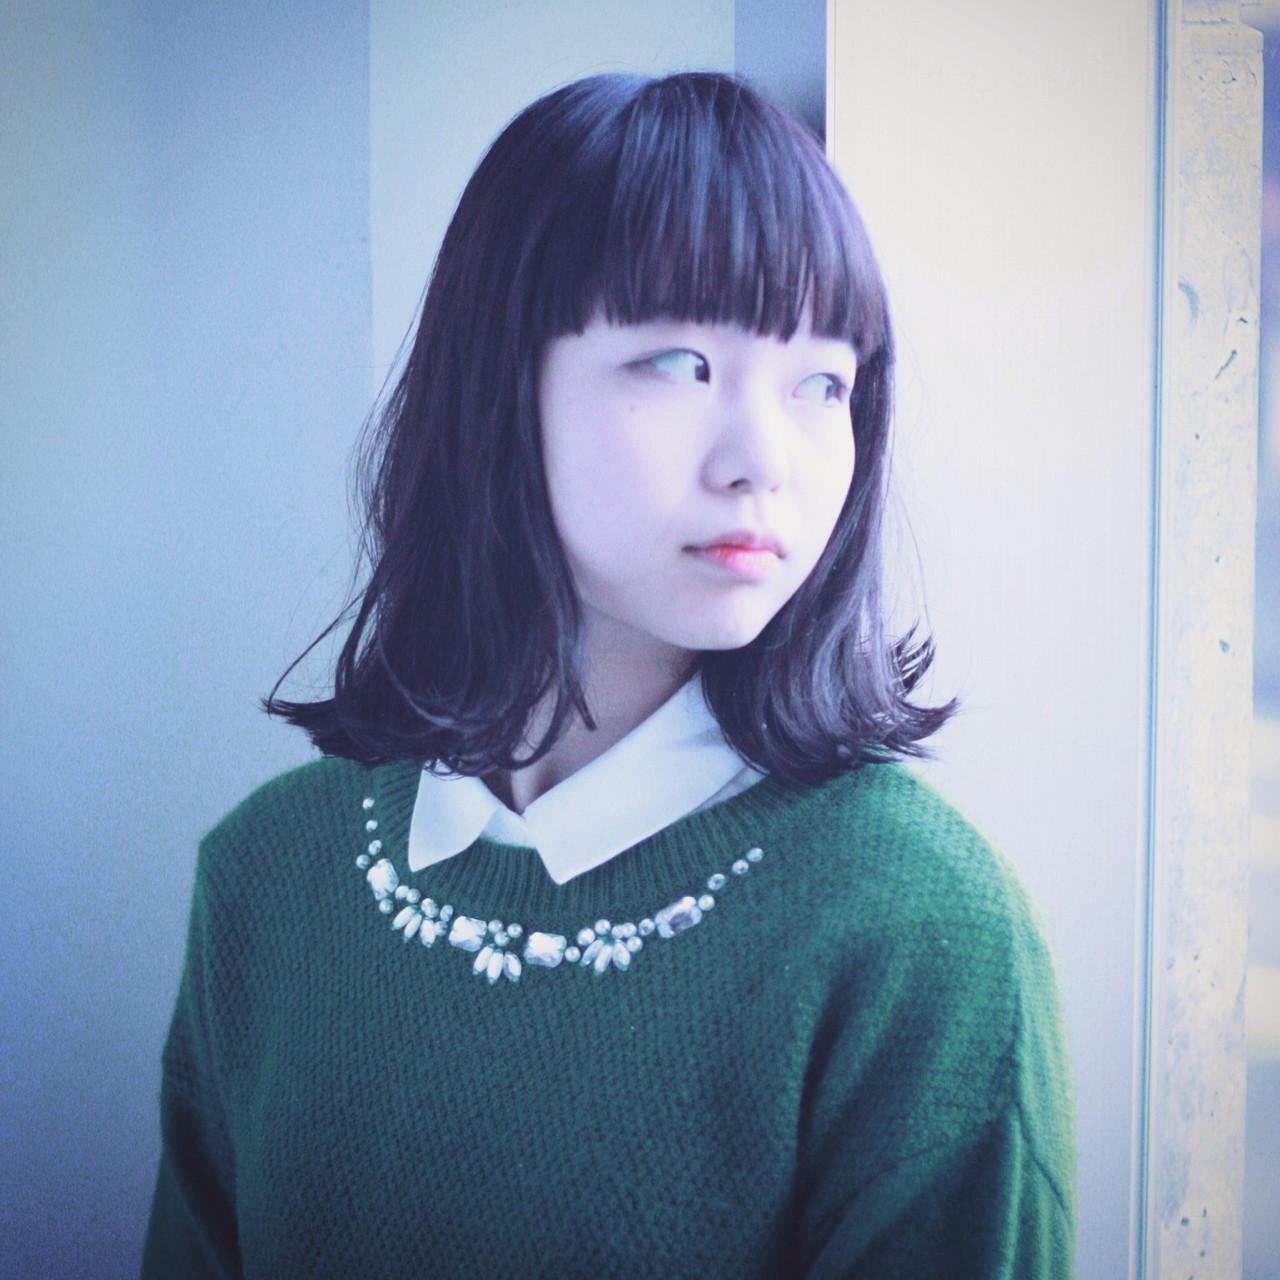 ワイドバング ボブ ミディアム 暗髪 ヘアスタイルや髪型の写真・画像   コバヤシ アキラ / UNI